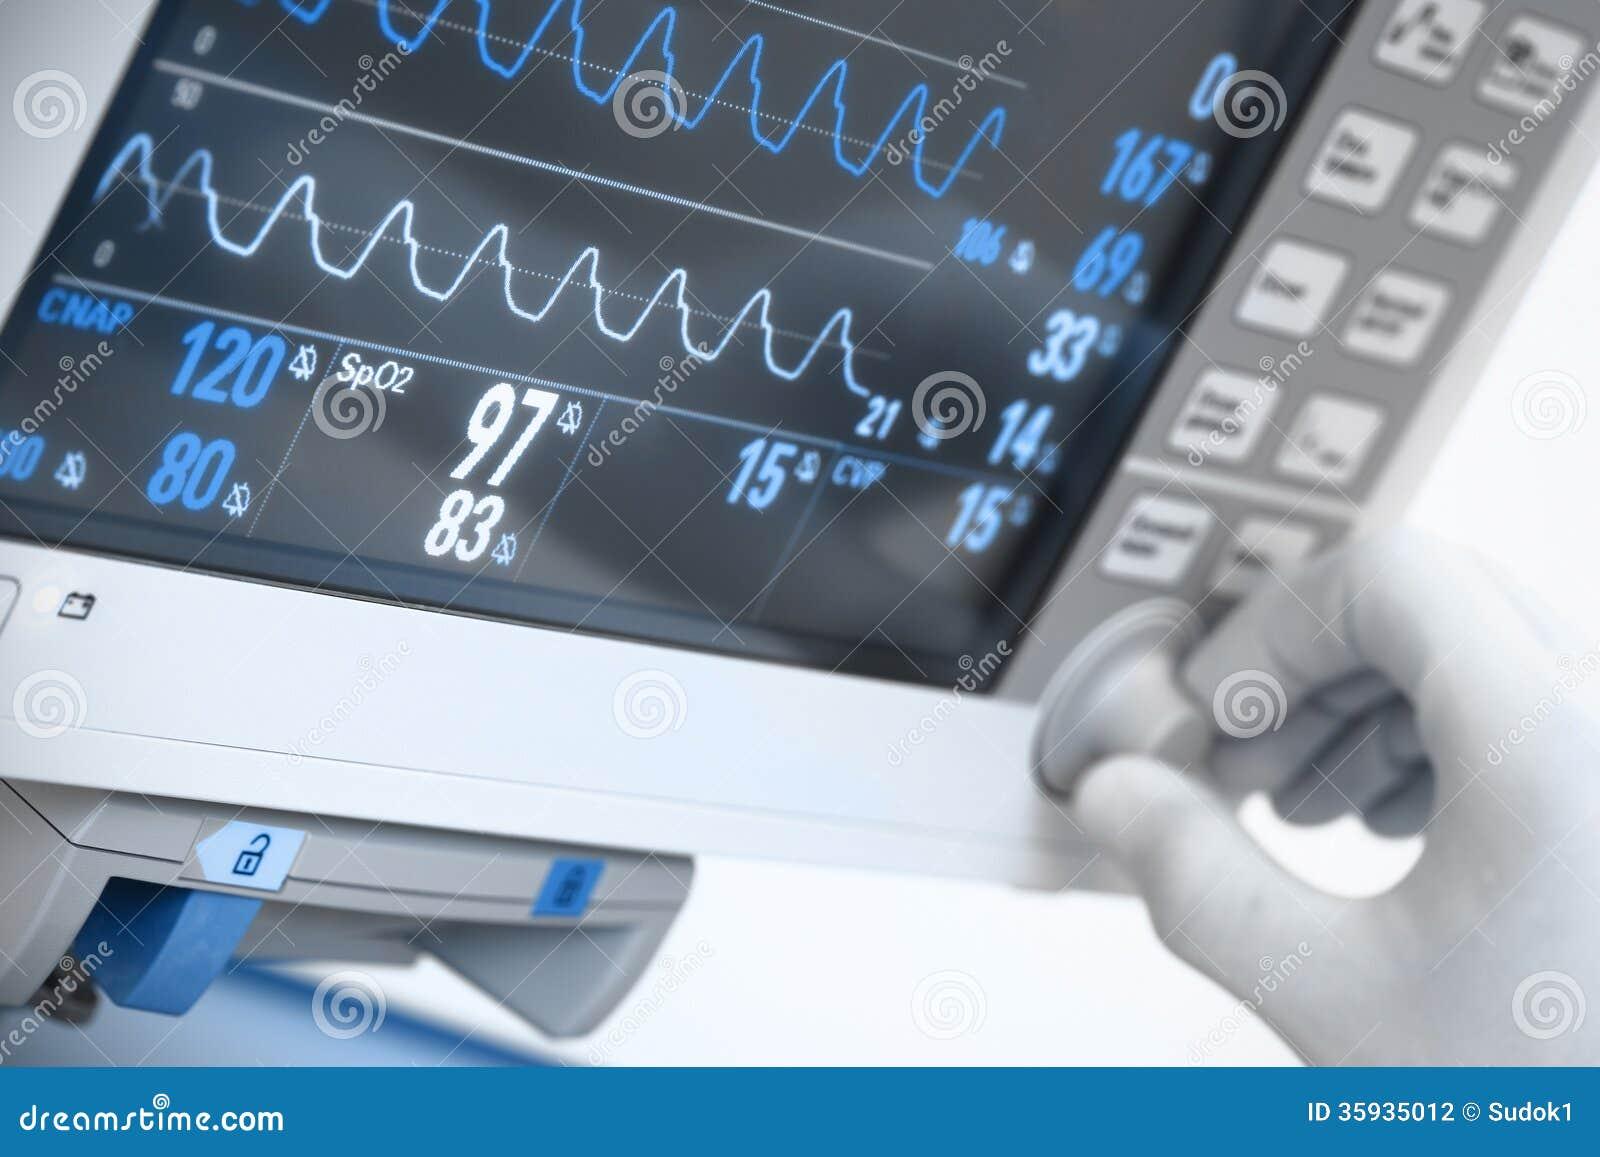 Electrónica médica.